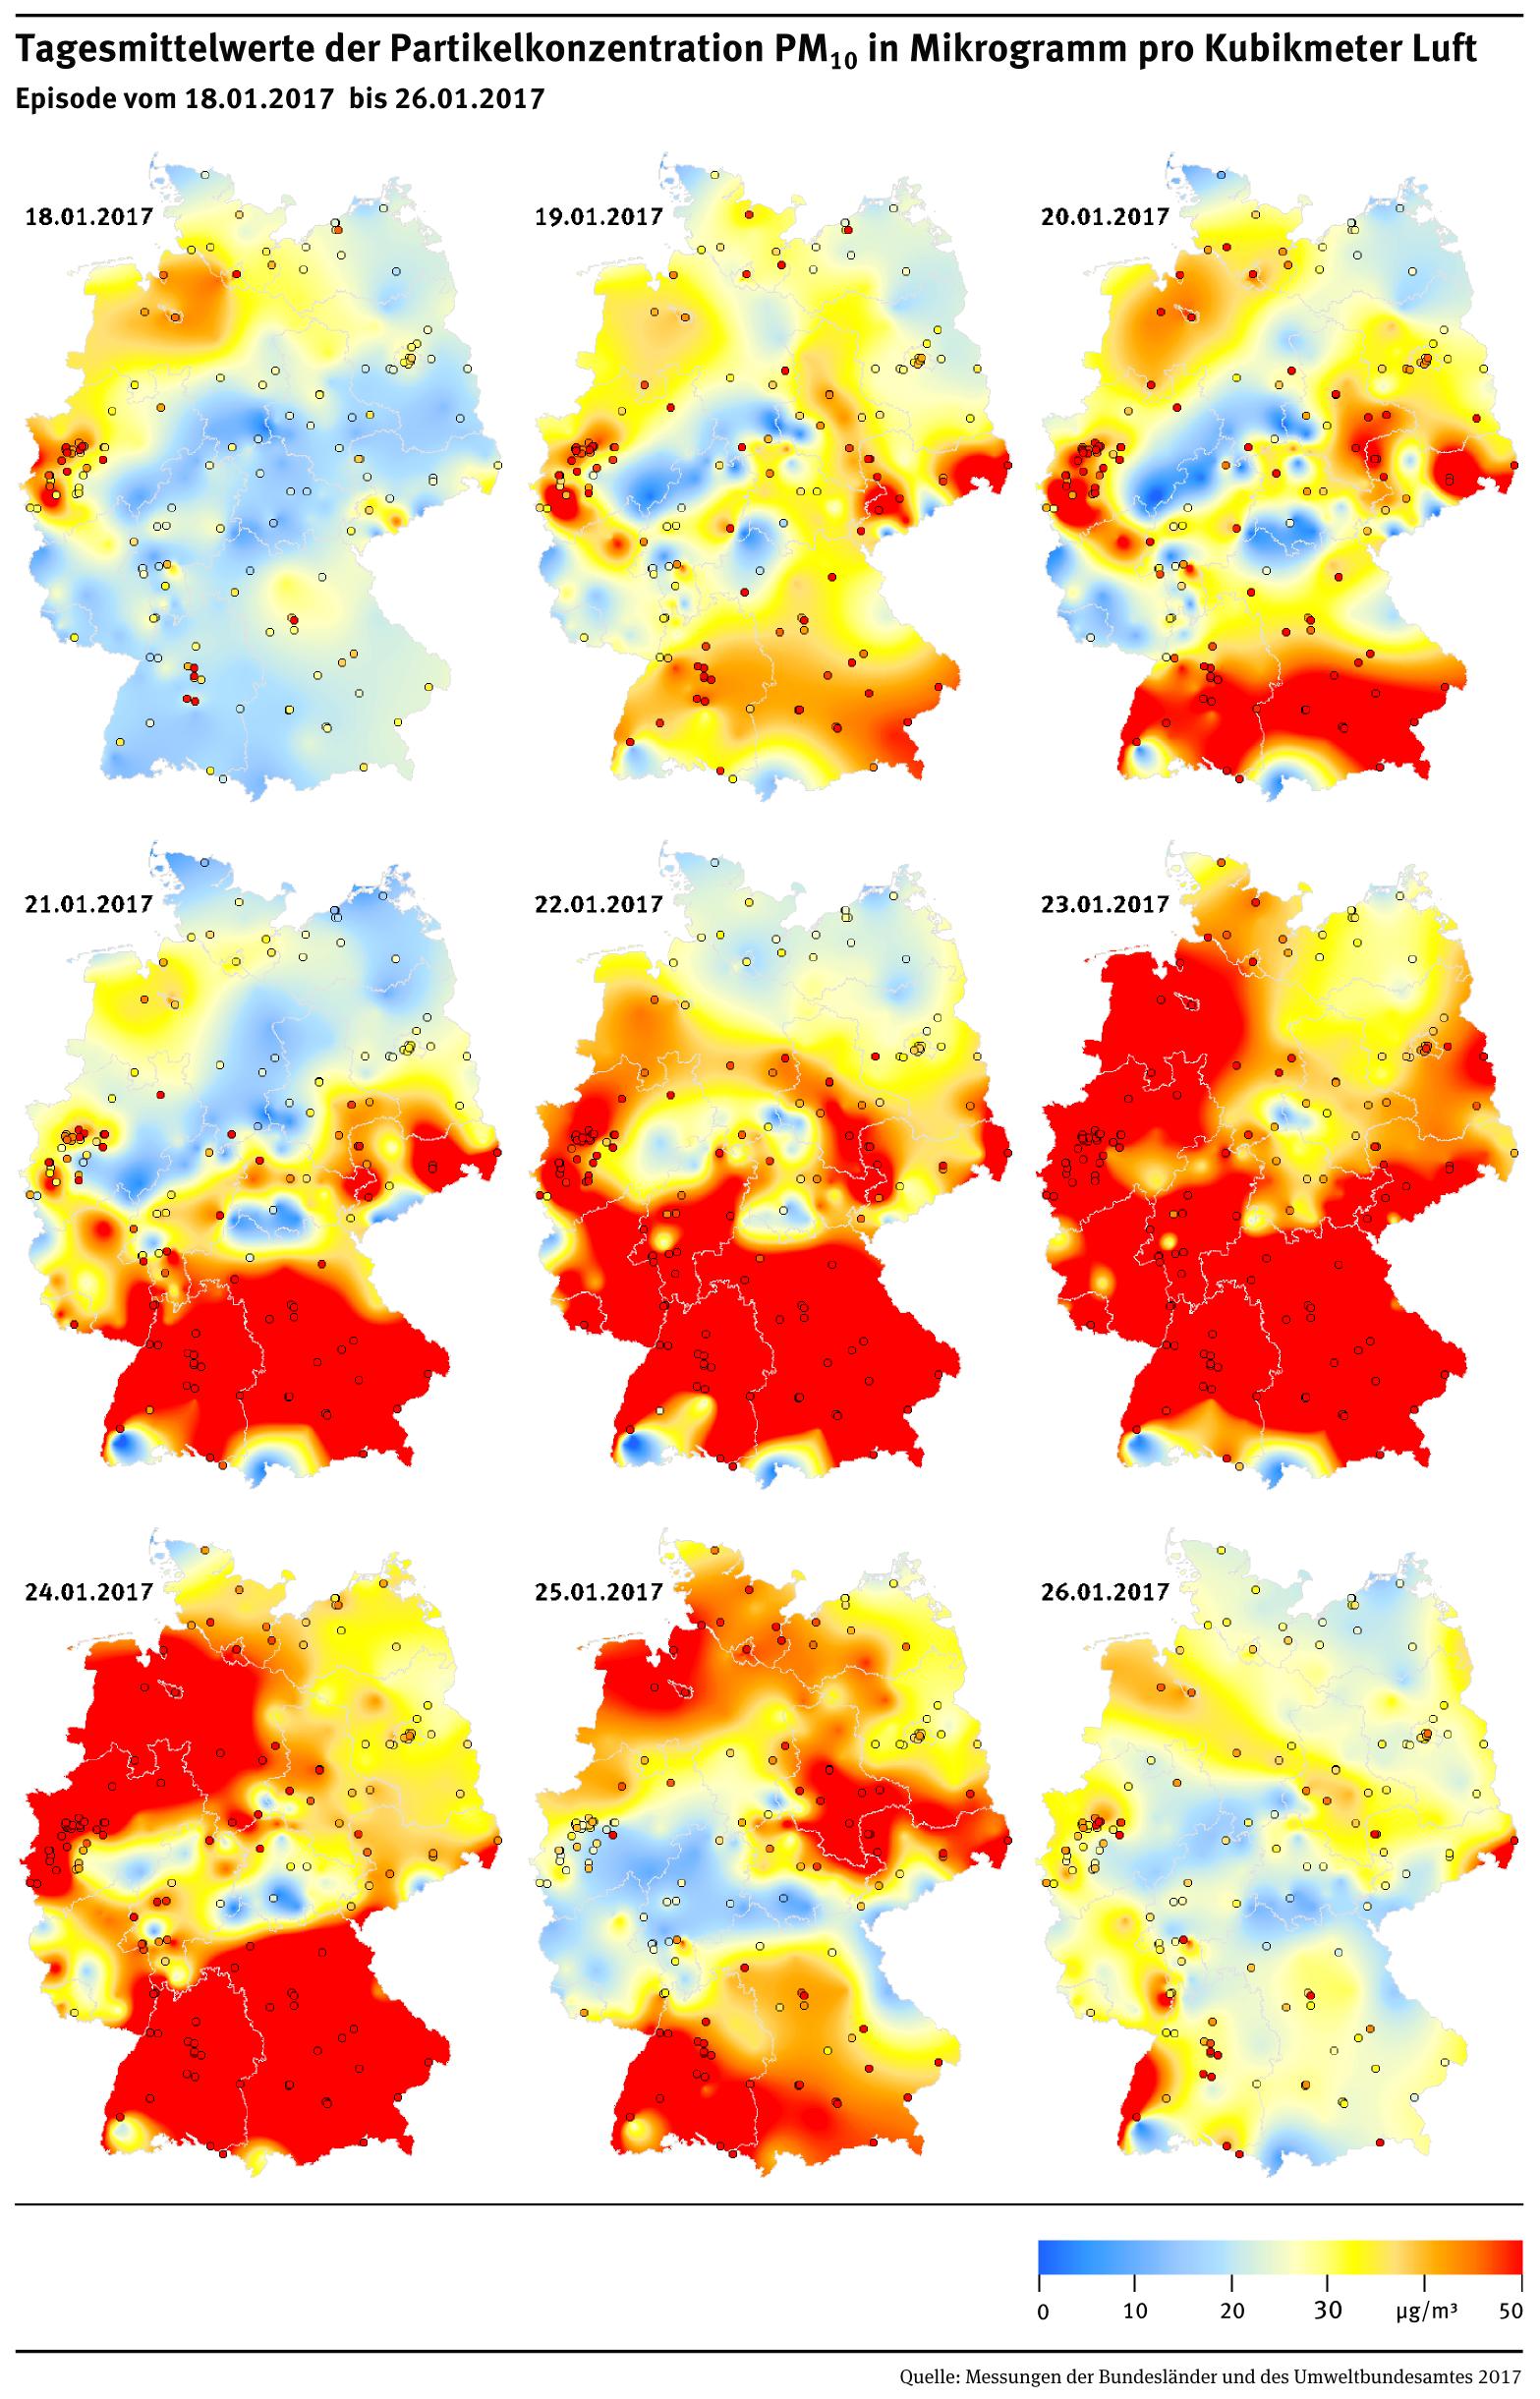 luftverschmutzung karte deutschland Karte: Tagesmittelwerte der Partikelkonzentration PM10